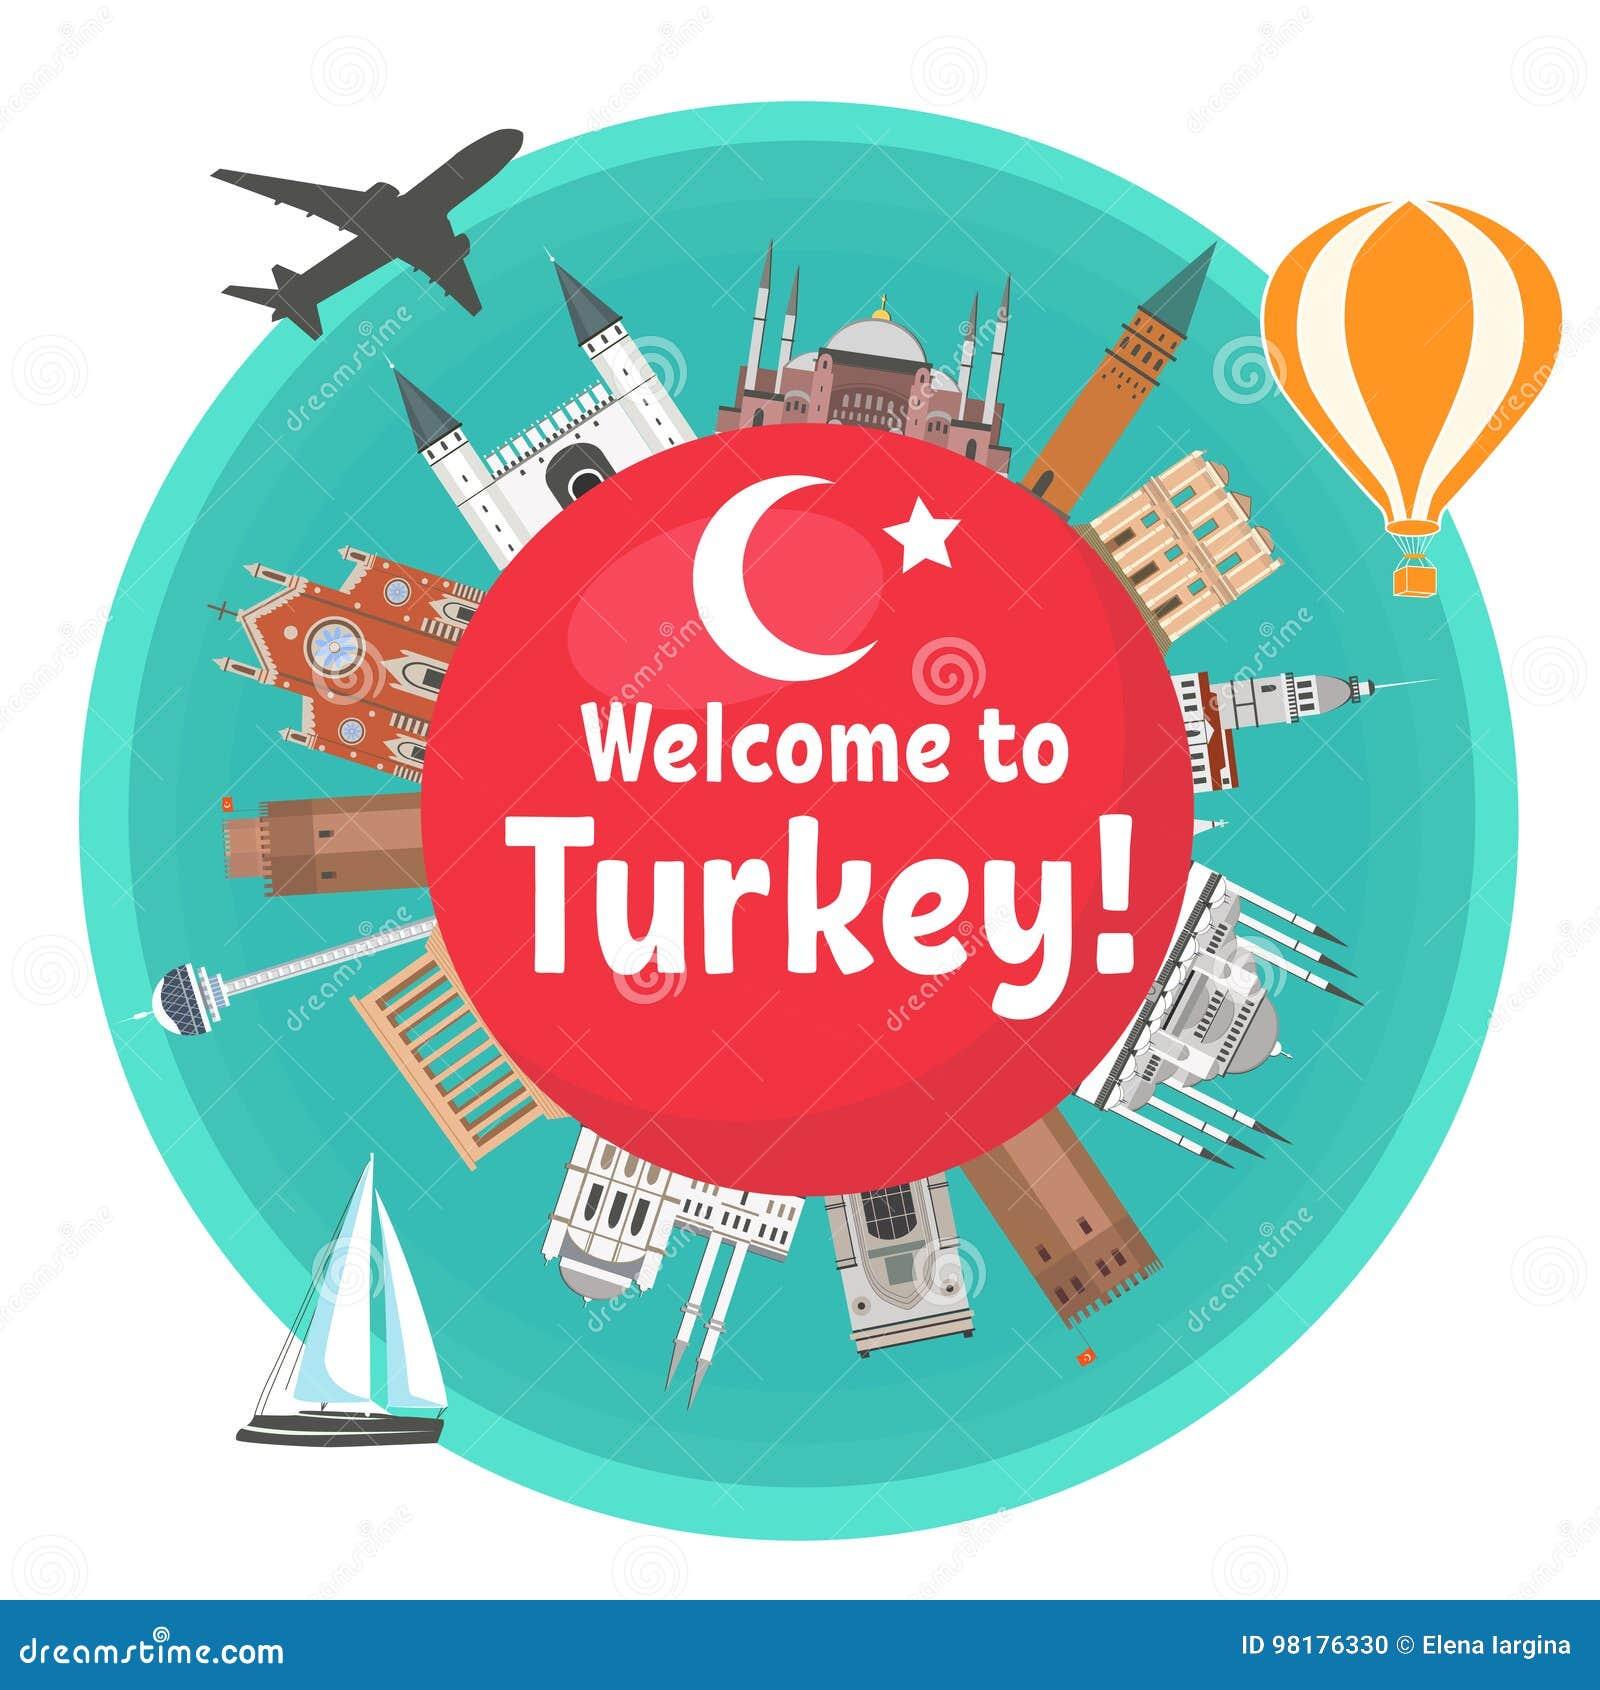 turkey in turkish